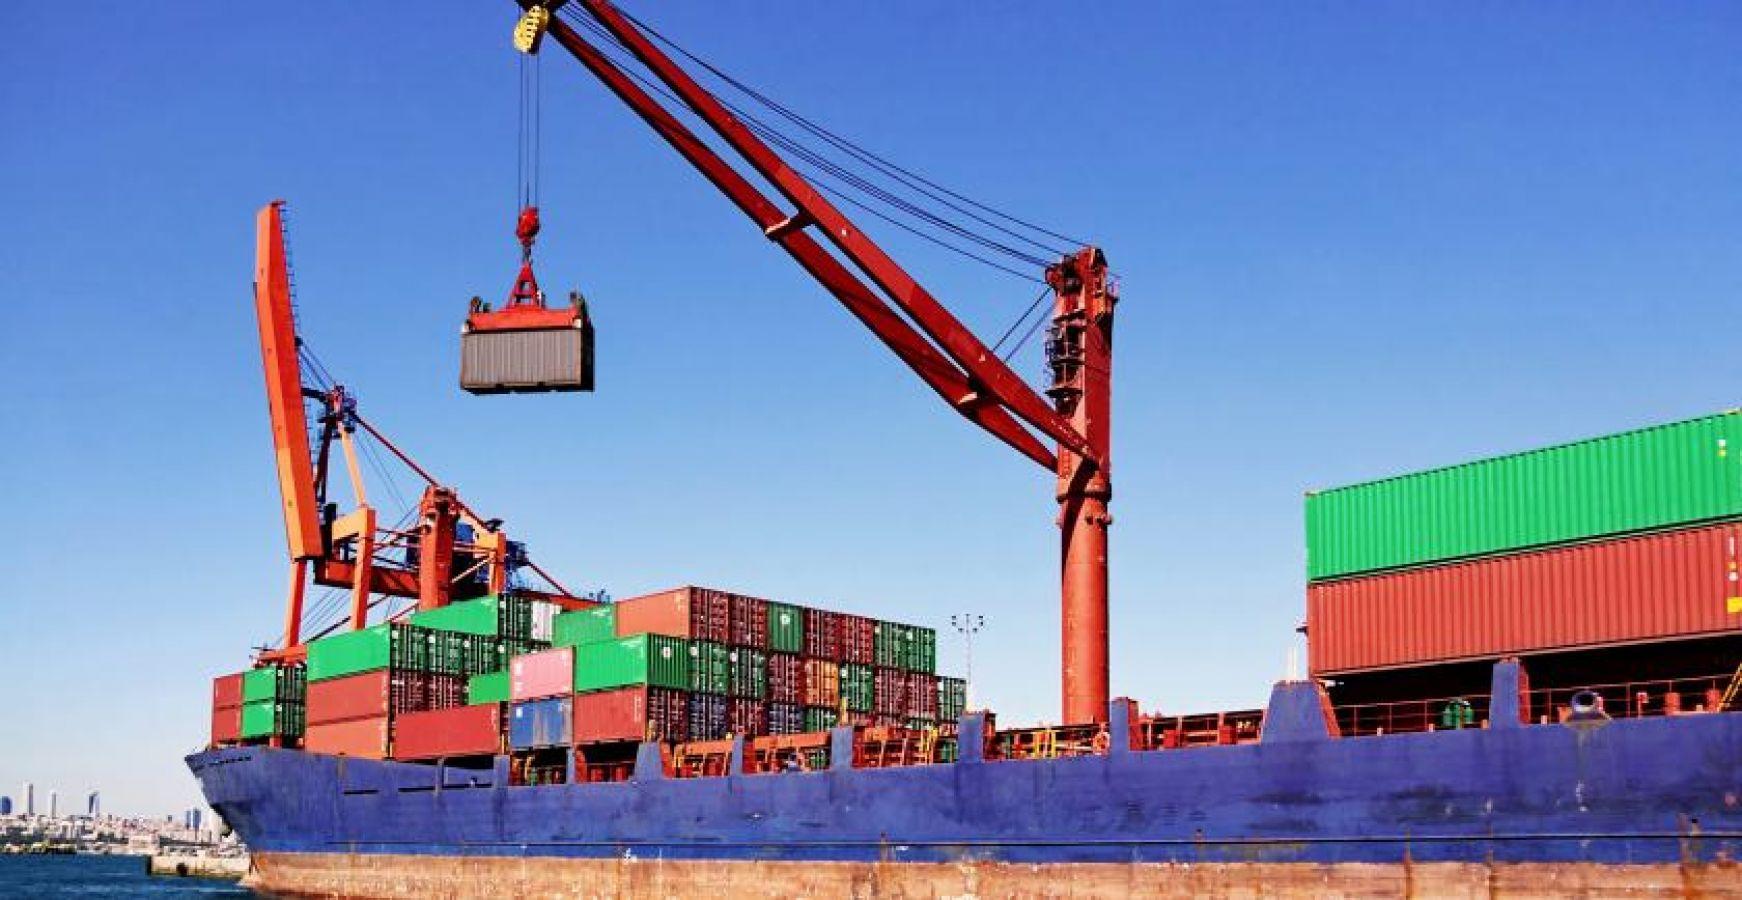 पिछले साल के मुकाबले इस साल 11.02 फीसदी बढ़ा भारत का निर्यात